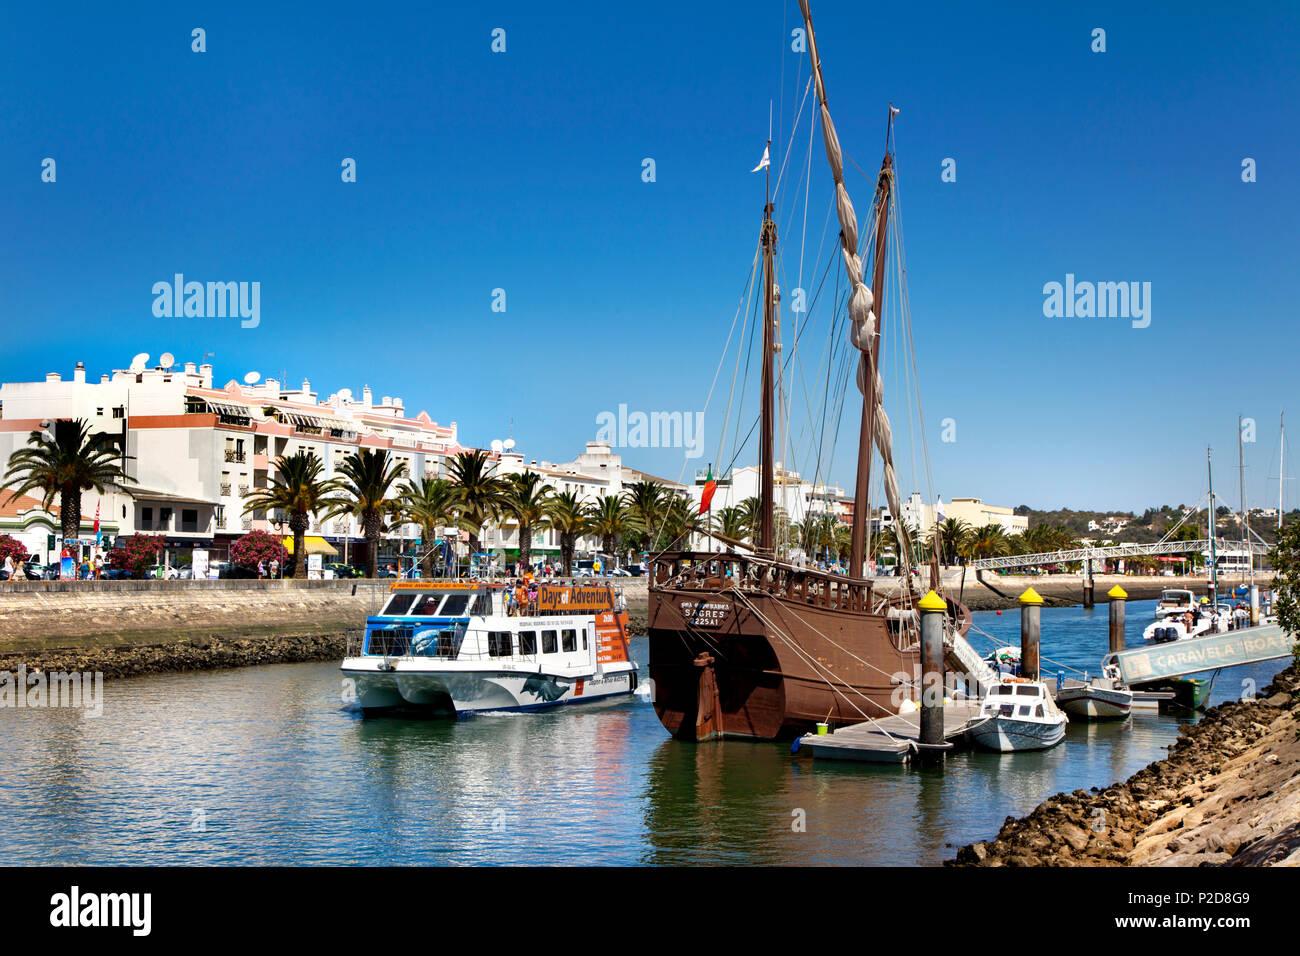 Ausflugsschiff für Dolphin Watching, Lagos, Algarve, Portugal Stockbild